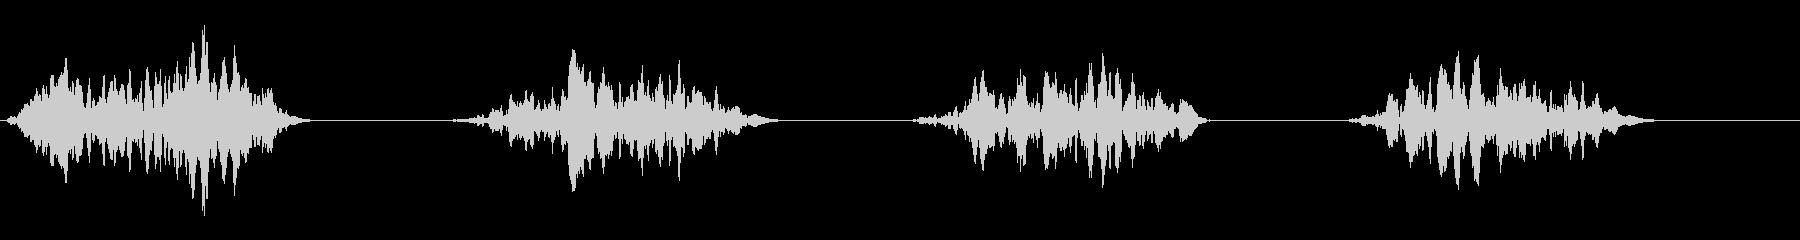 フォンフォンという引きずり音の未再生の波形